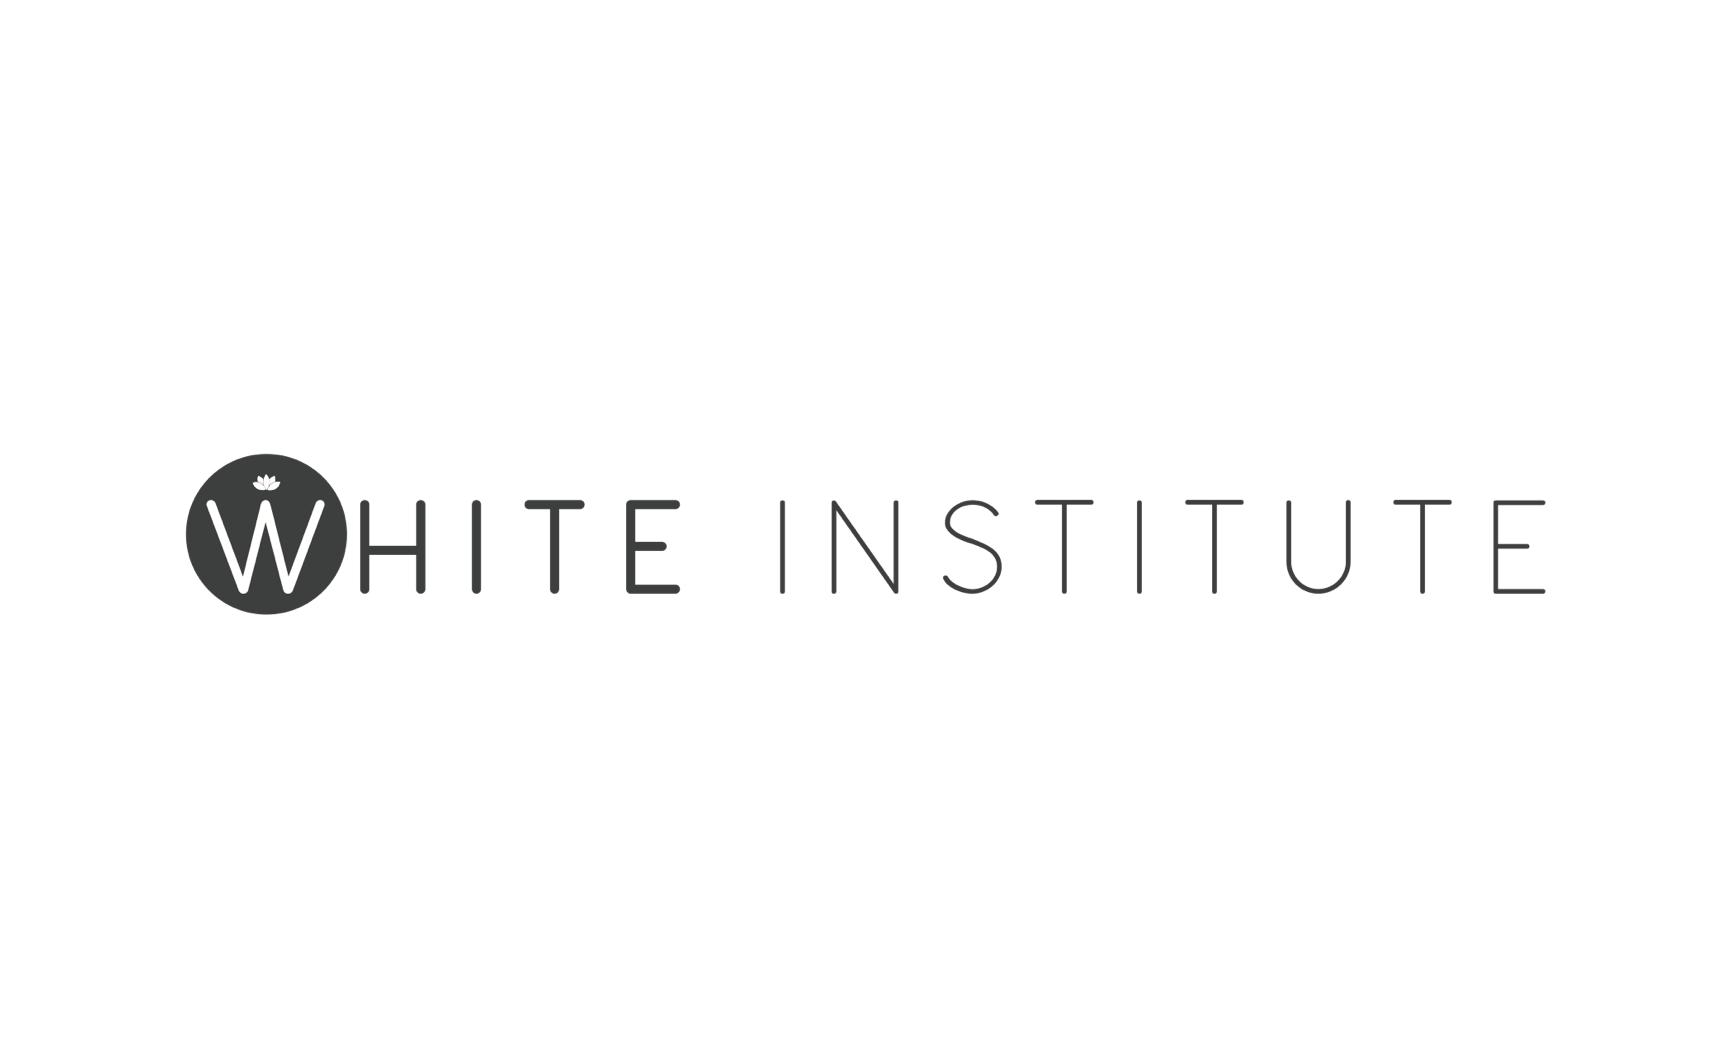 4 white institute